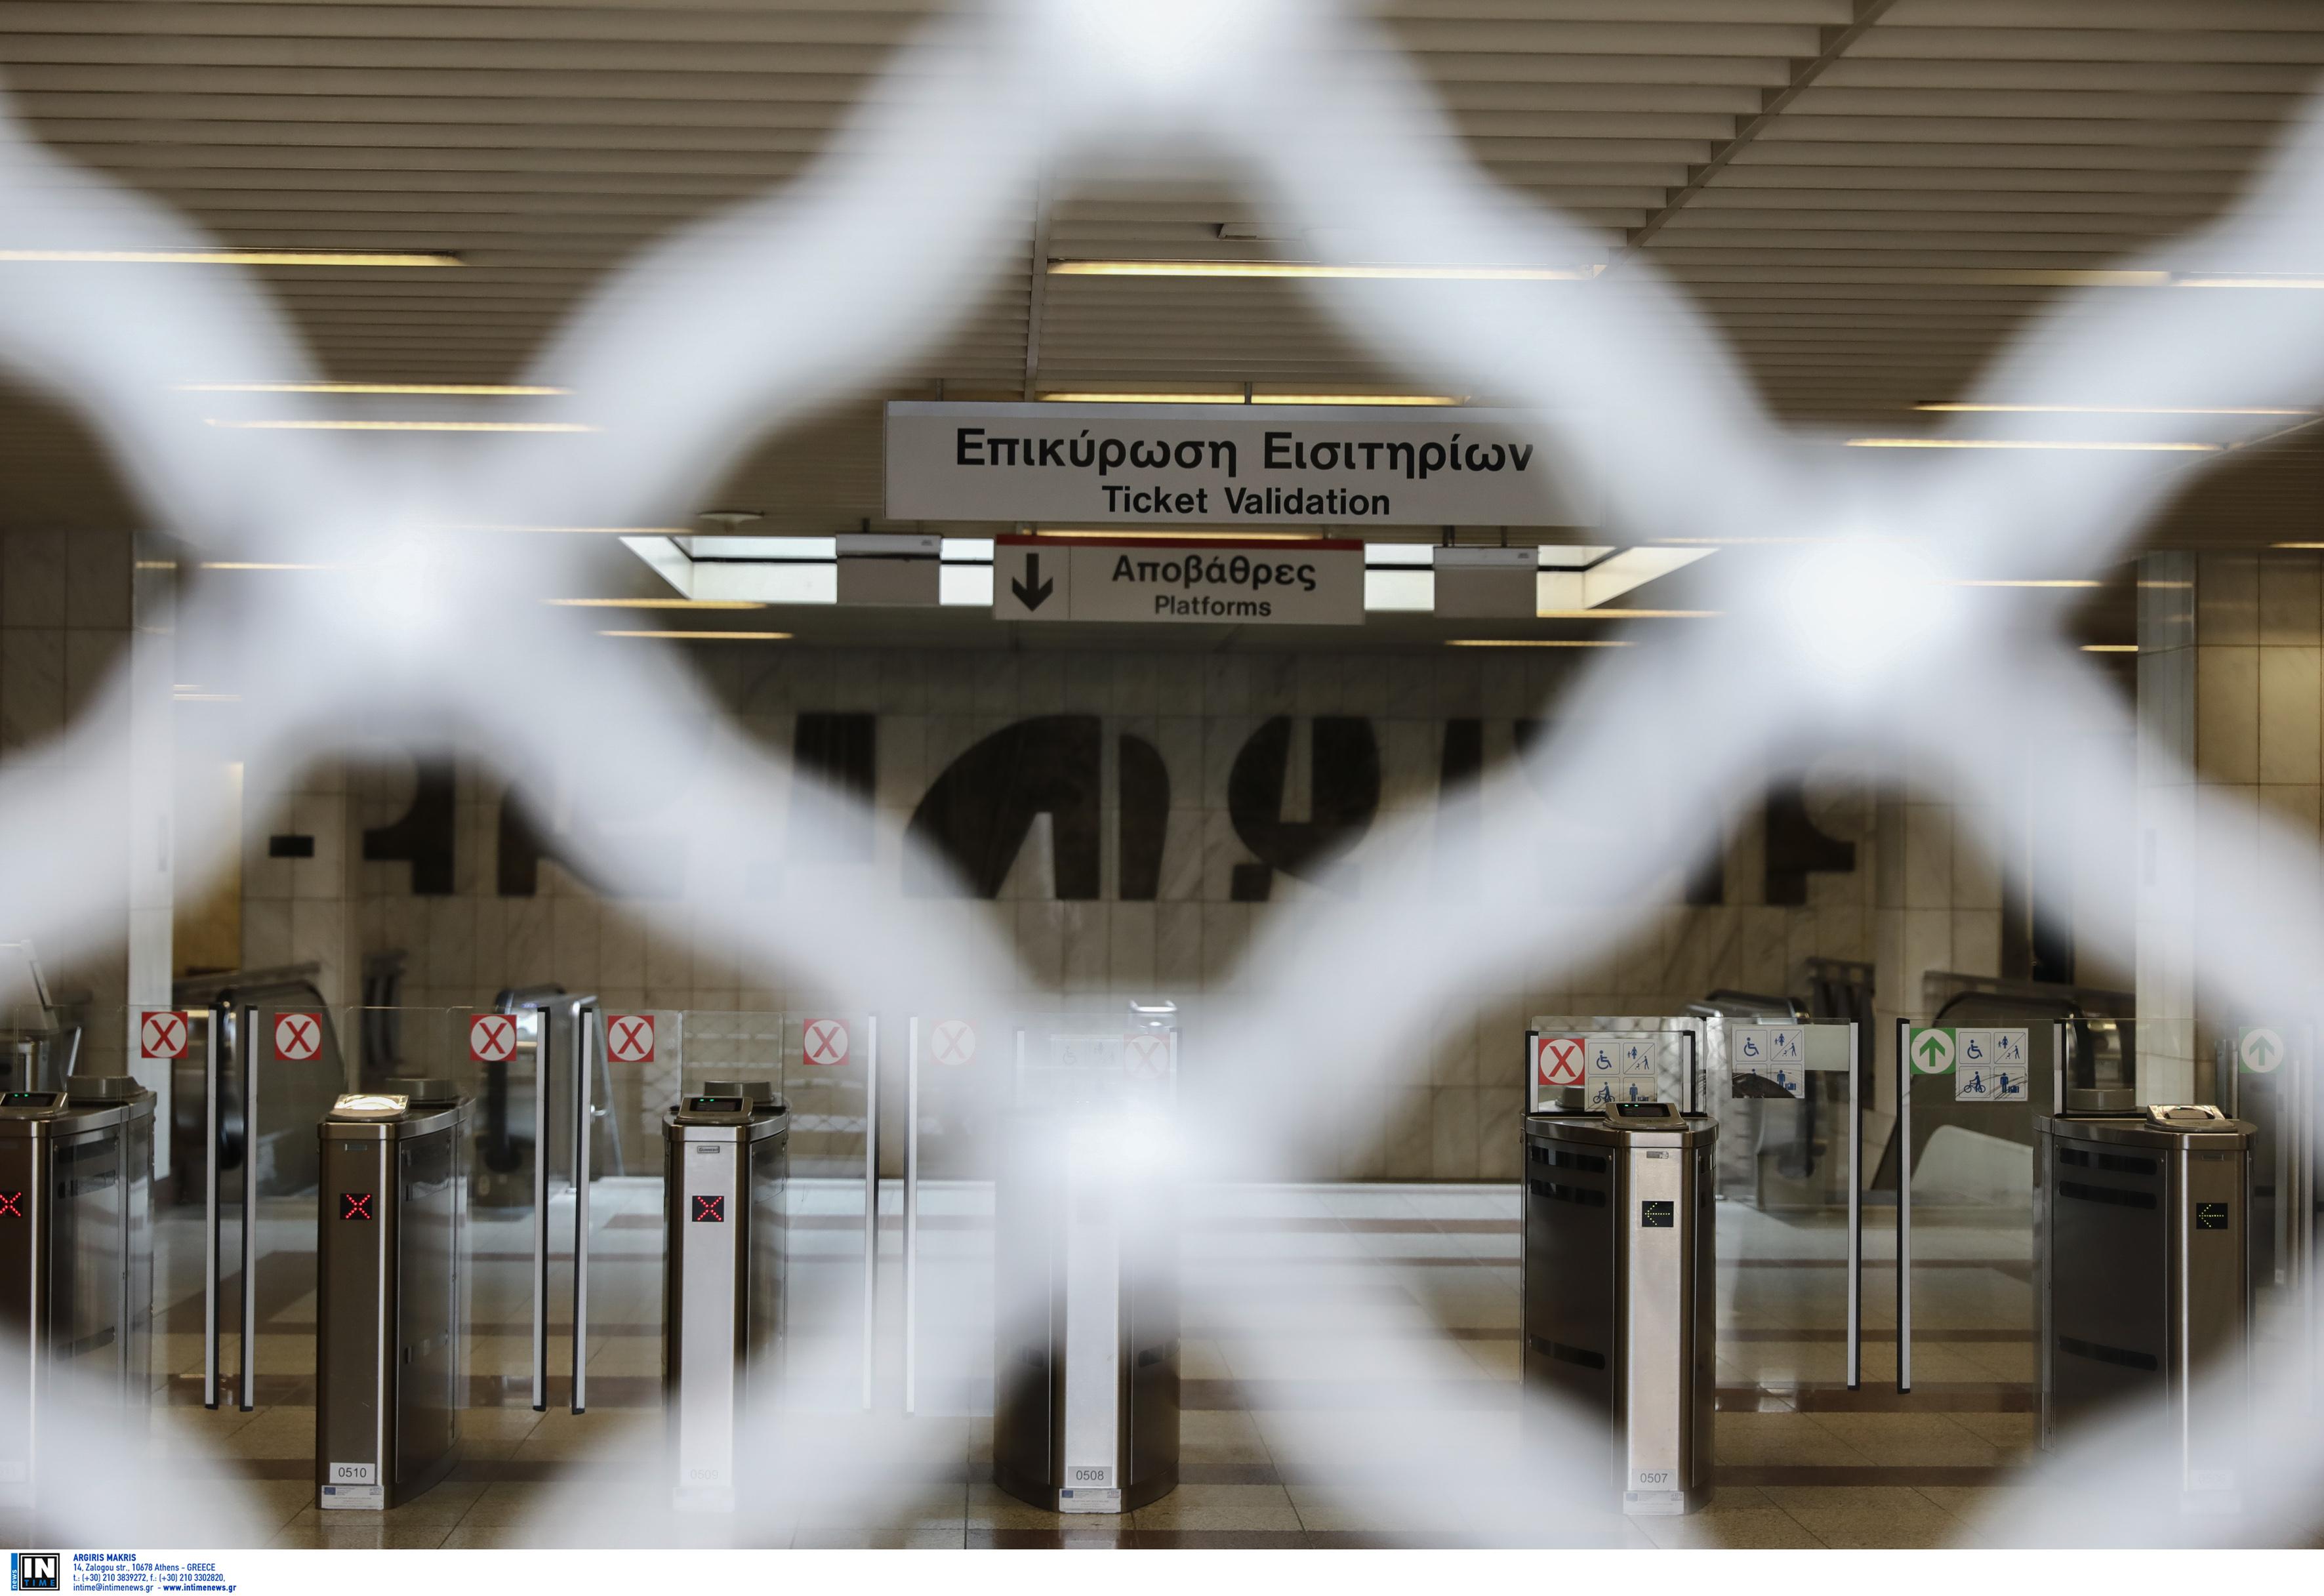 «Χειρόφρενο» σε Ηλεκτρικό, Μετρό, Τραμ στις 15 Οκτωβρίου – Στάση εργασίας από 14.00-17.00